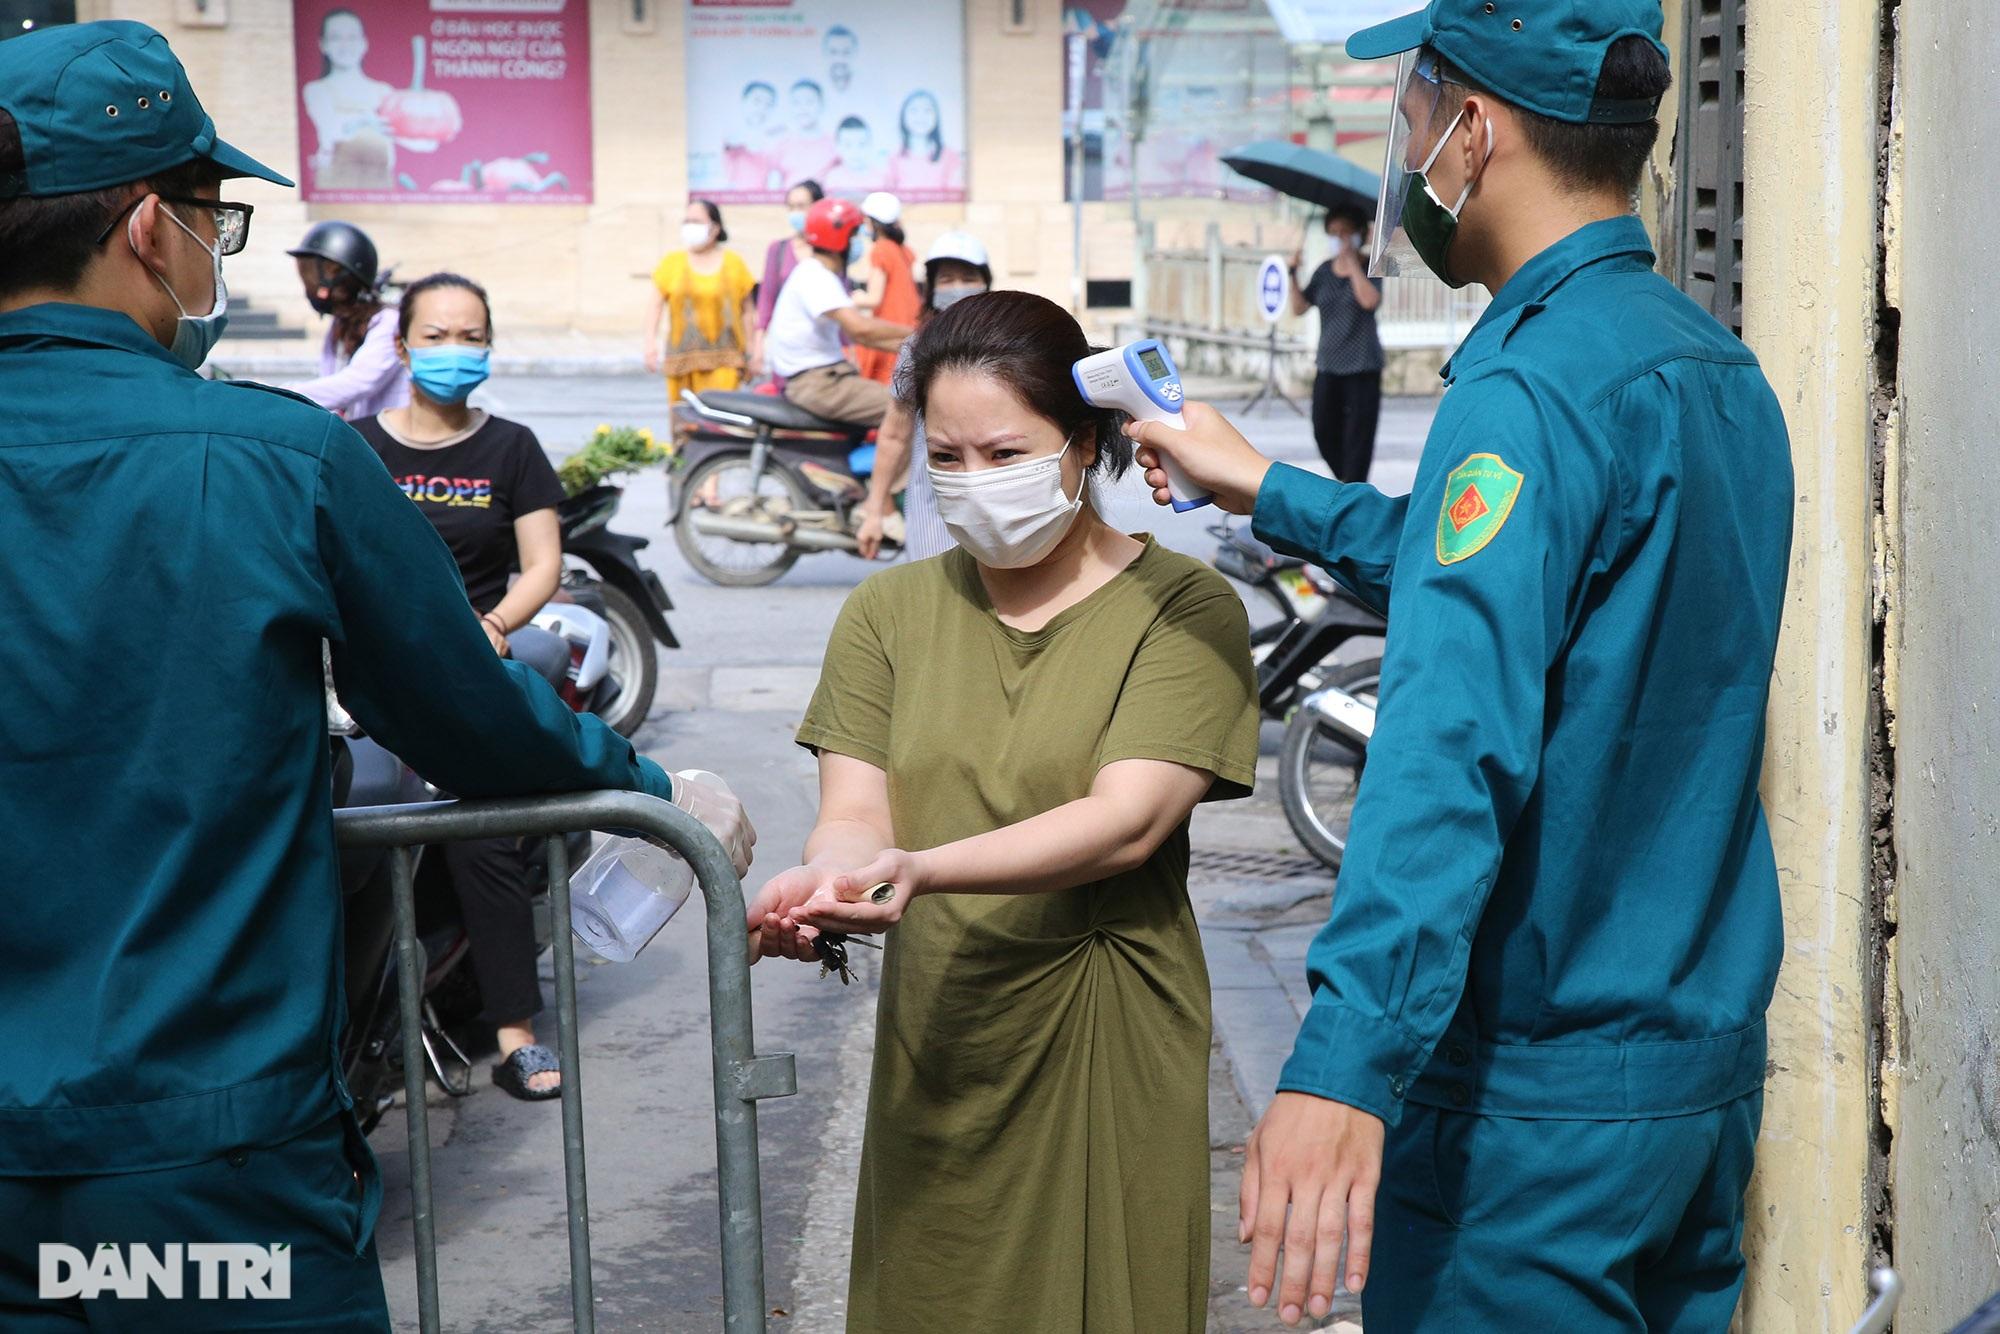 Hà Nội ngày đầu thực hiện Chỉ thị 16: Đường phố vắng, chợ dân sinh đông đúc - 14